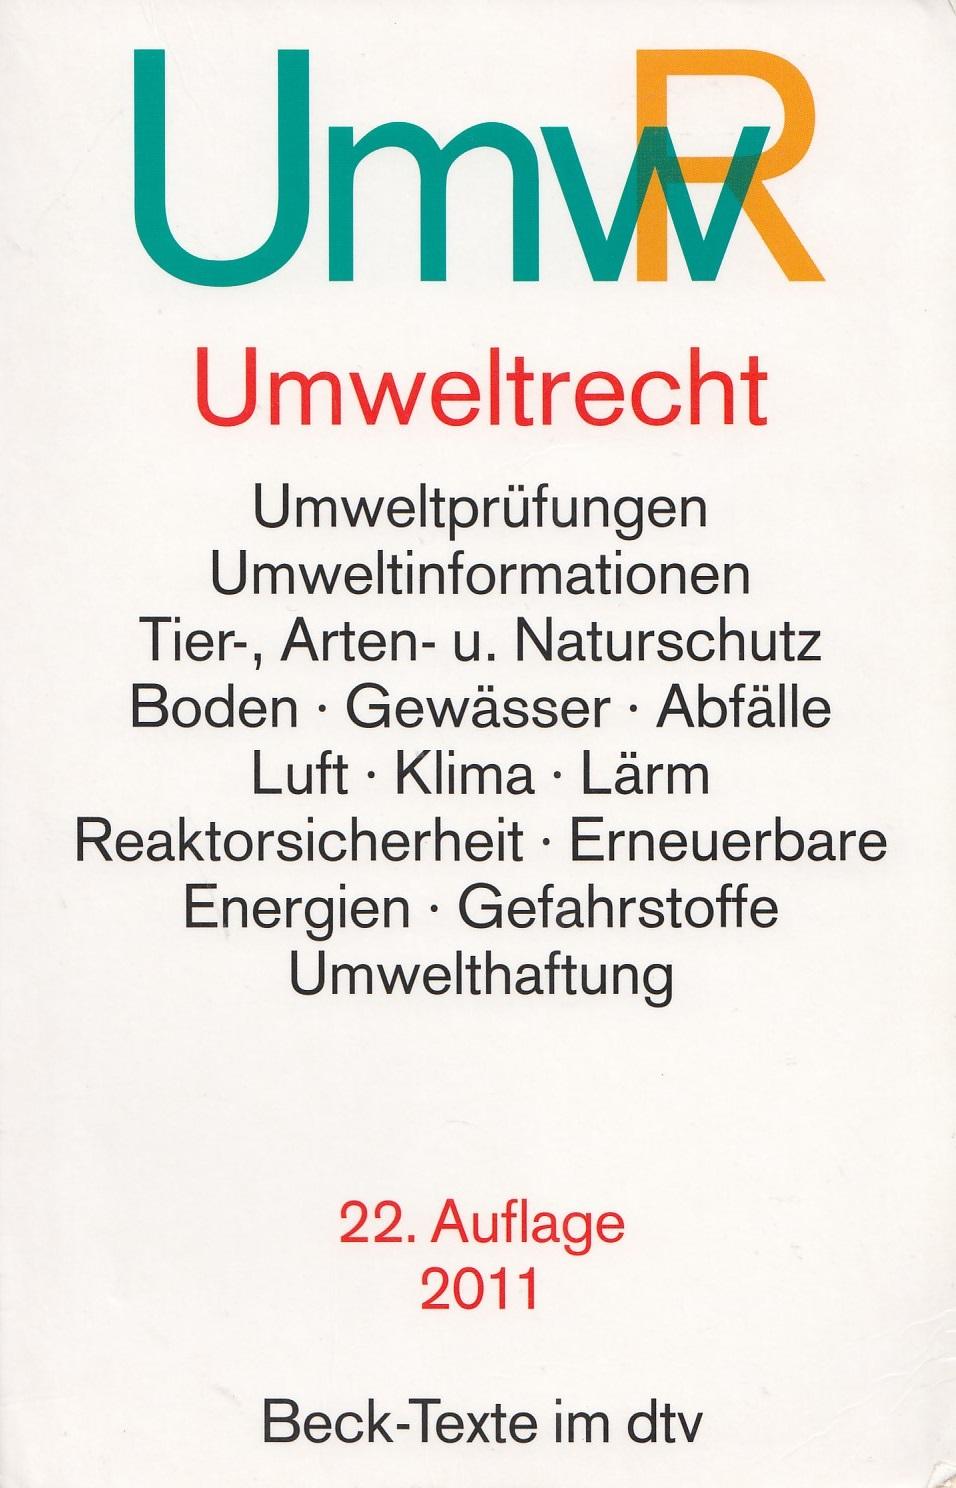 Umweltrecht: Wichtige Gesetze und Verordnungen zum Schutz der Umwelt [Taschenbuch, 22. Auflage 2011]